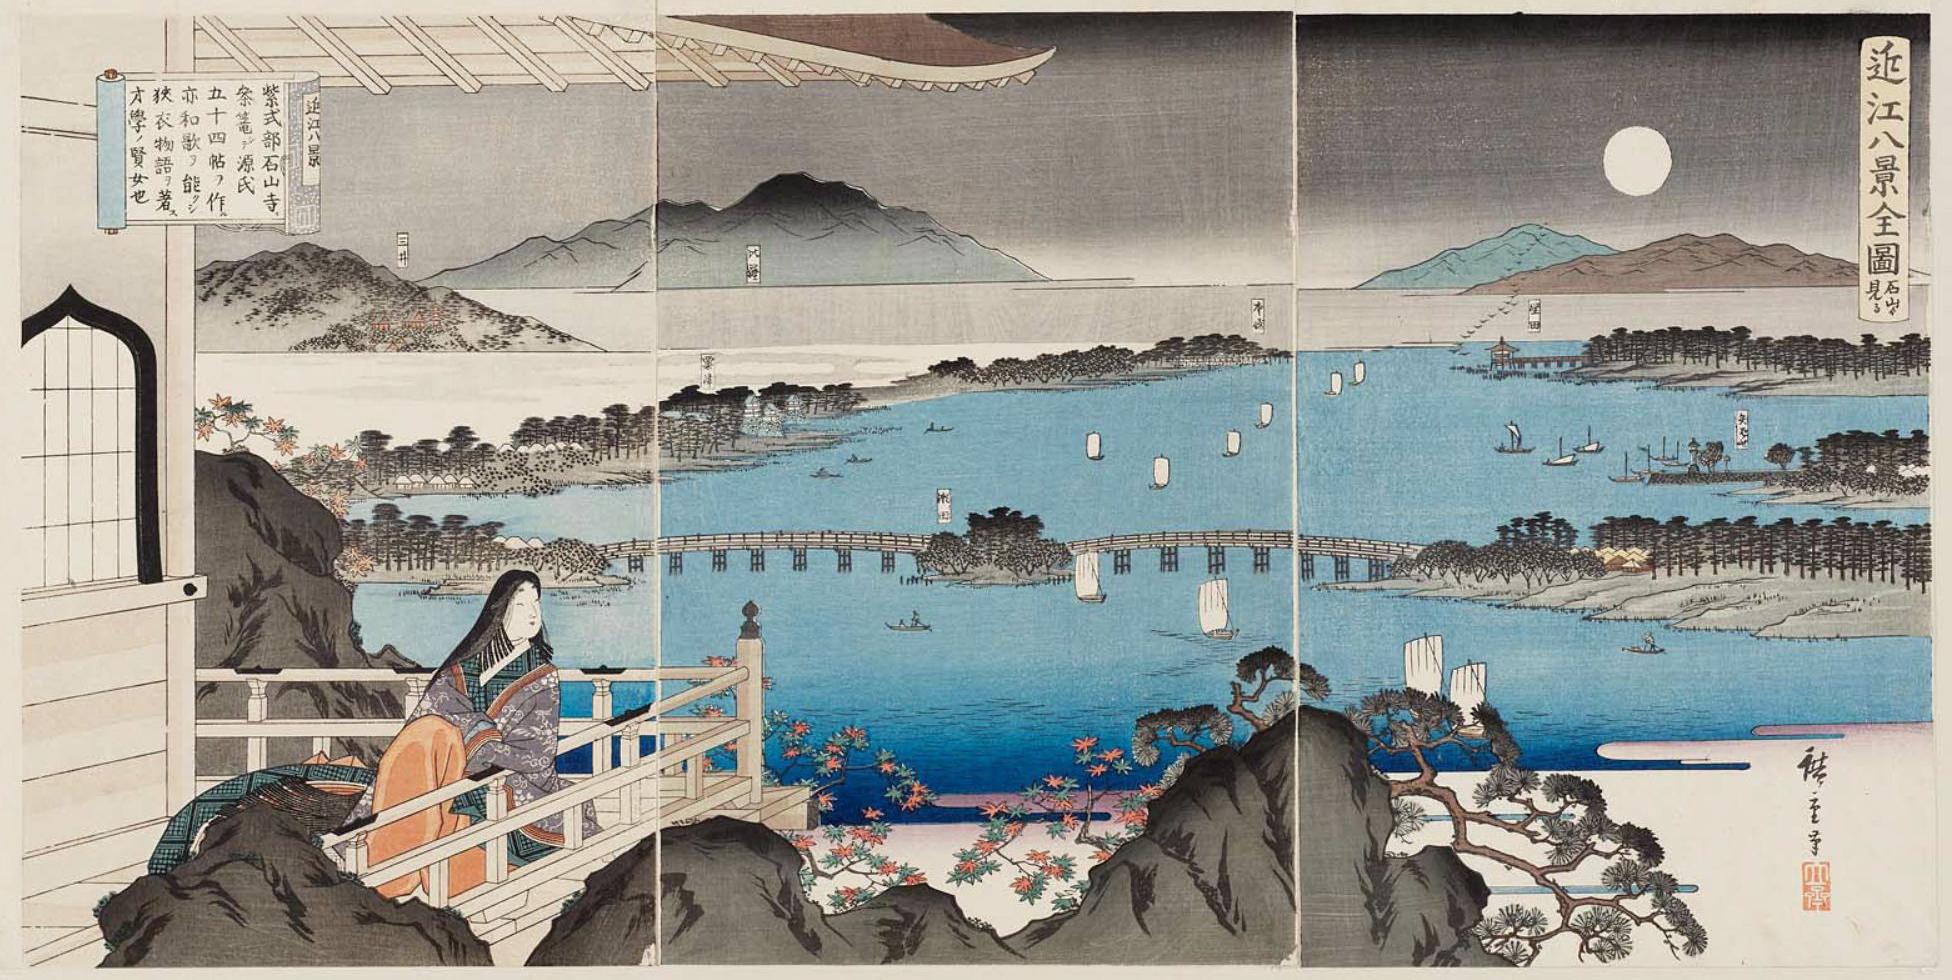 File:Murasaki Shikibu by Hiroshige.png